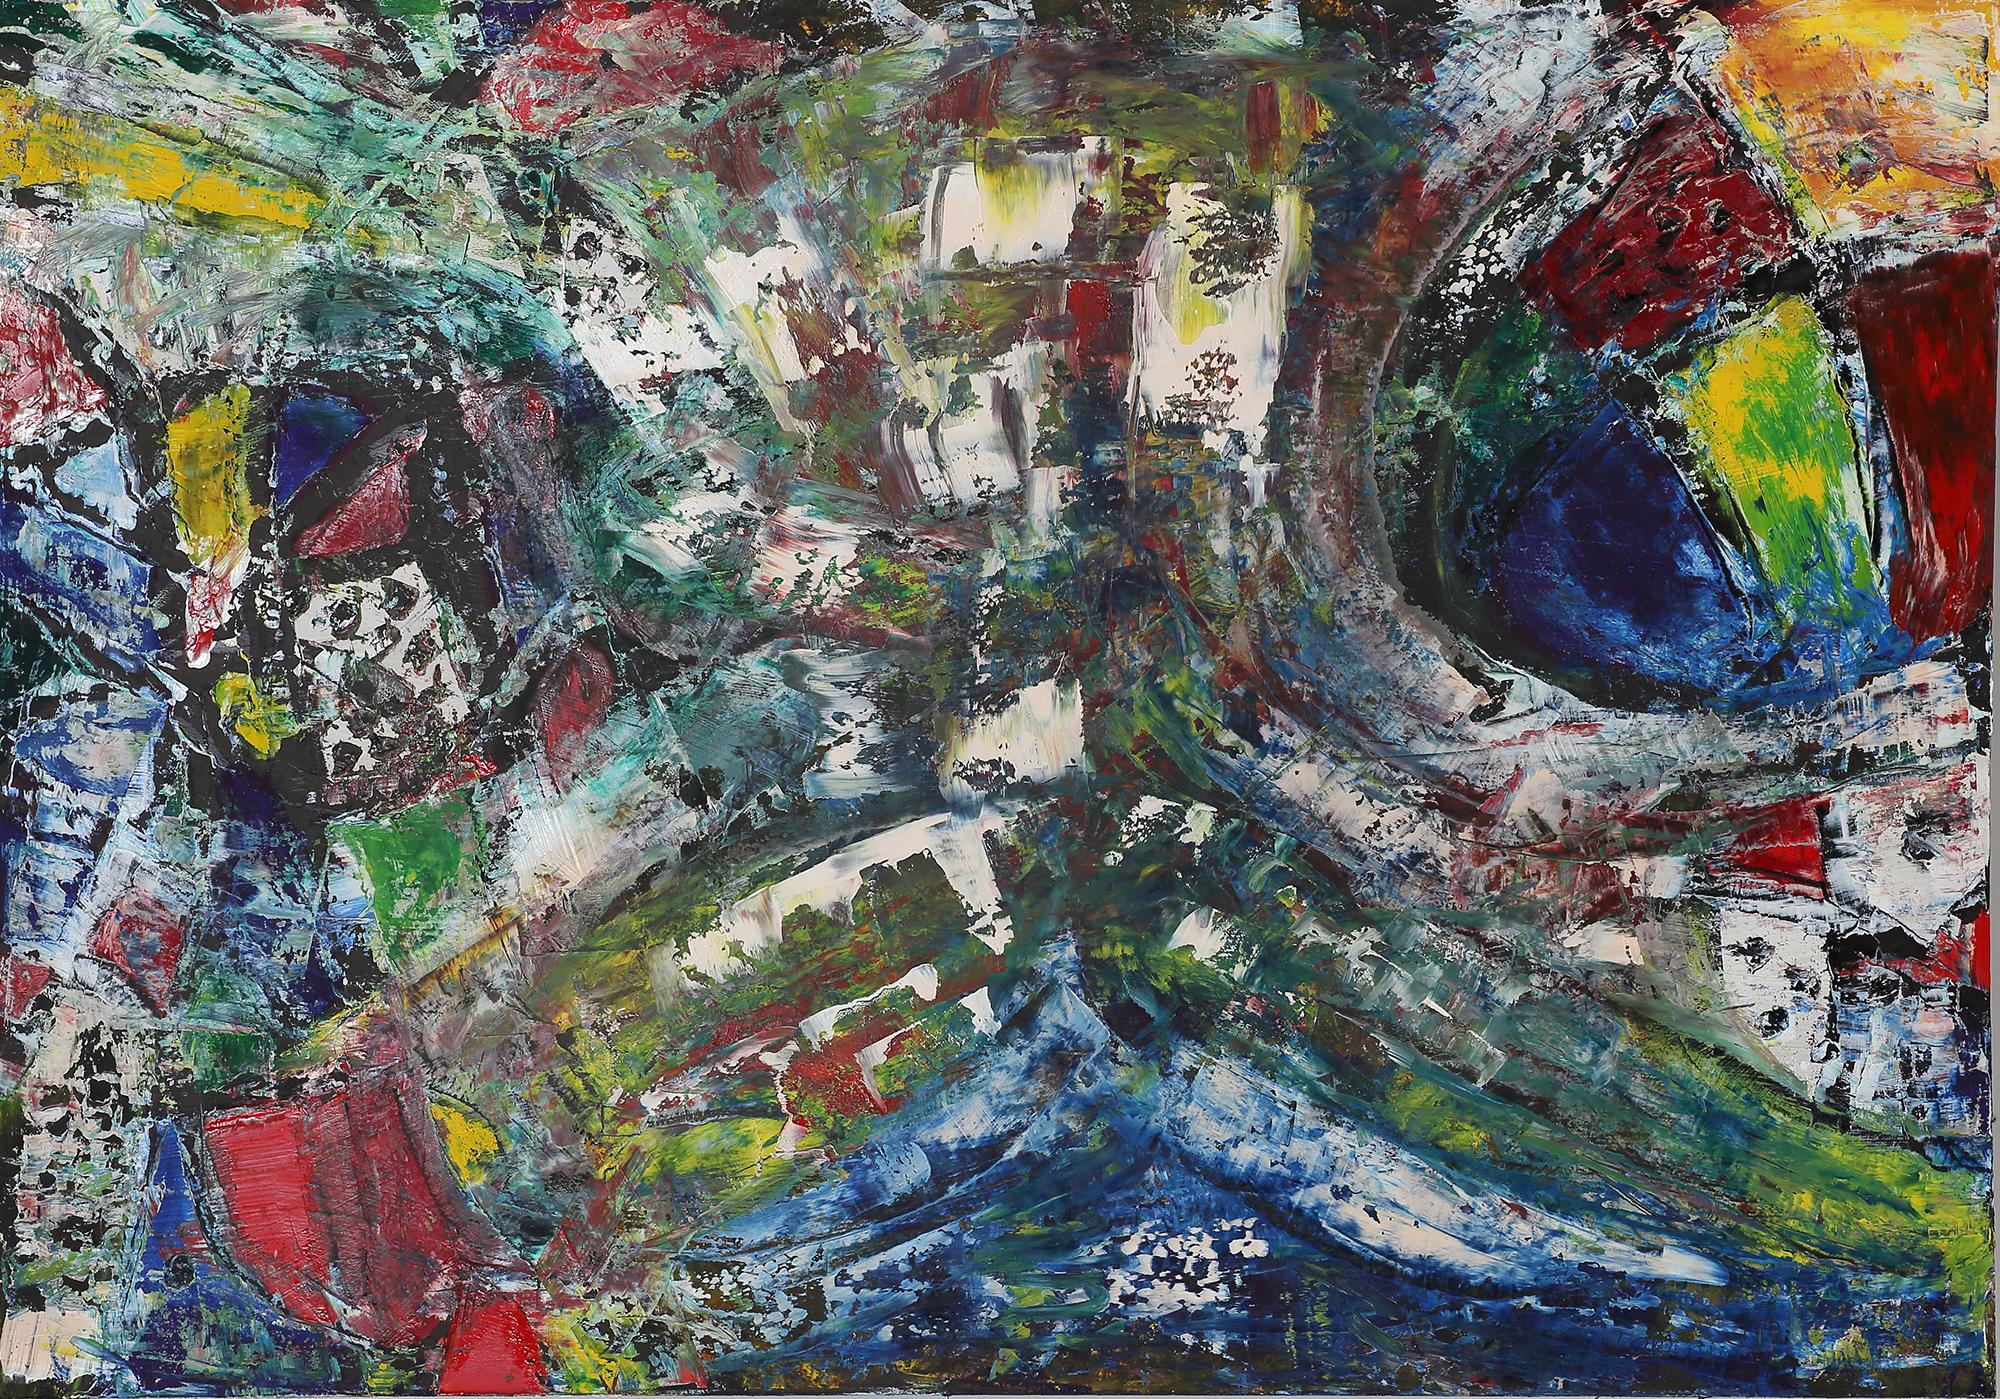 2020-I-16 Купить большую картину маслом в гостиную Современное искусство Абстрактная картина маслом